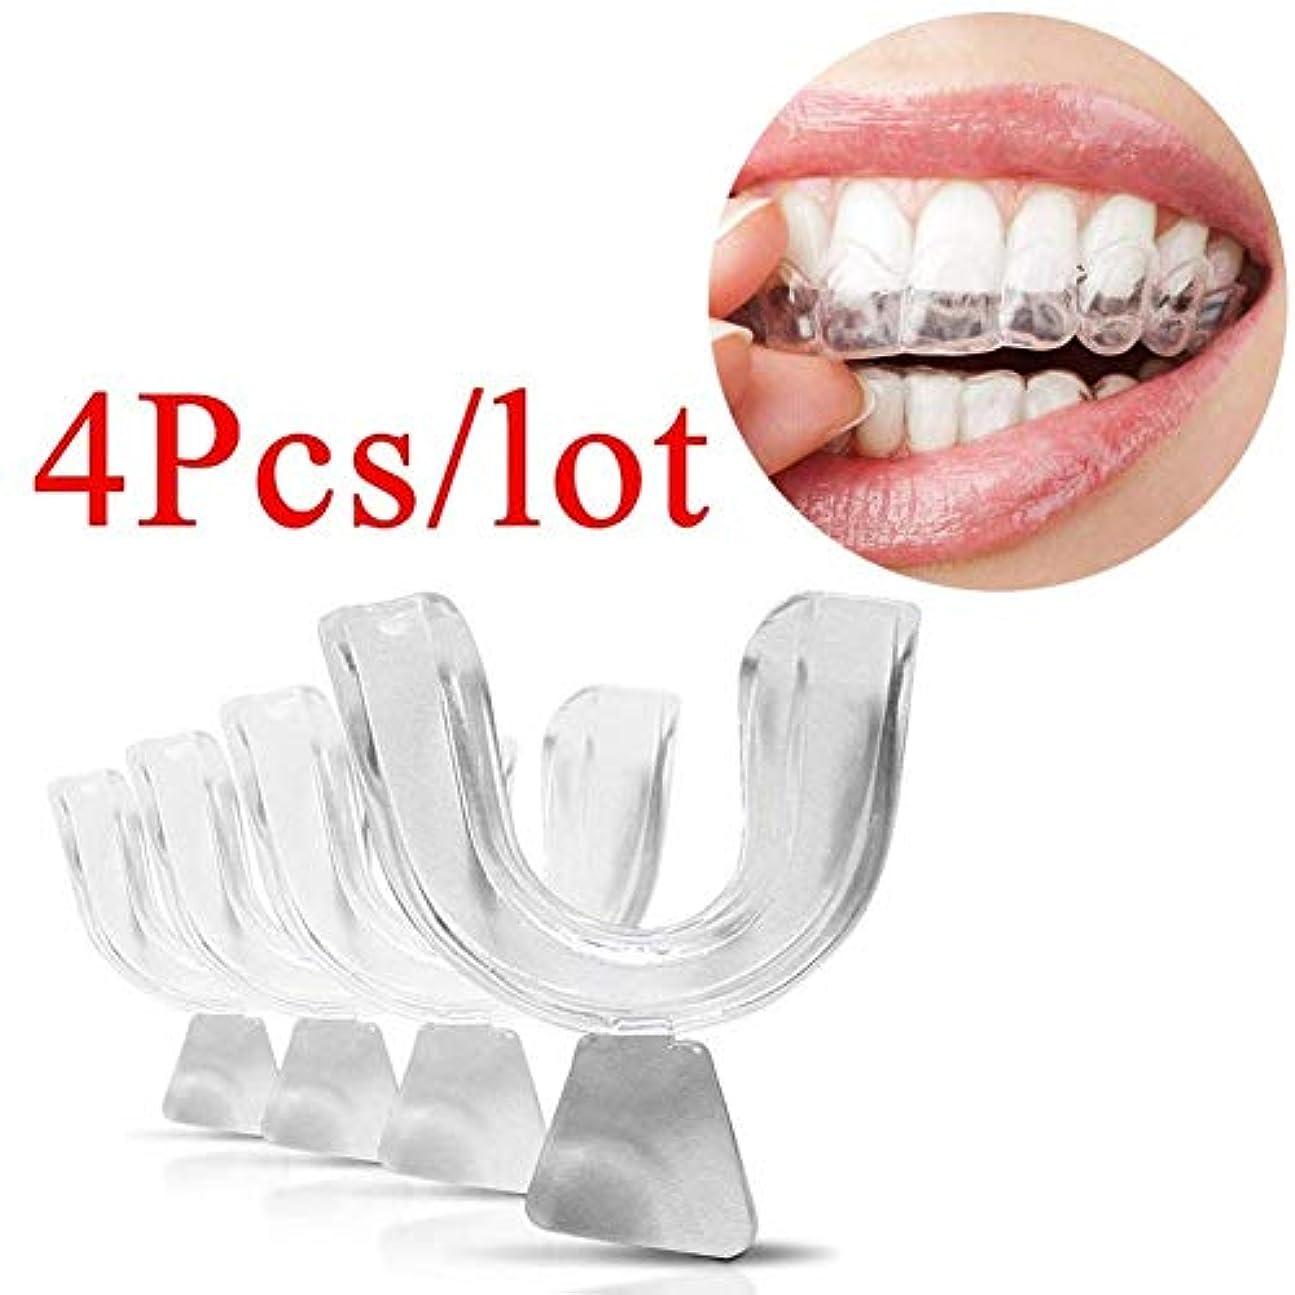 ボアセラフワックス透明な食品等級を白くする安全な口の皿のMoldable歯科用歯の口の歯,4Pcs